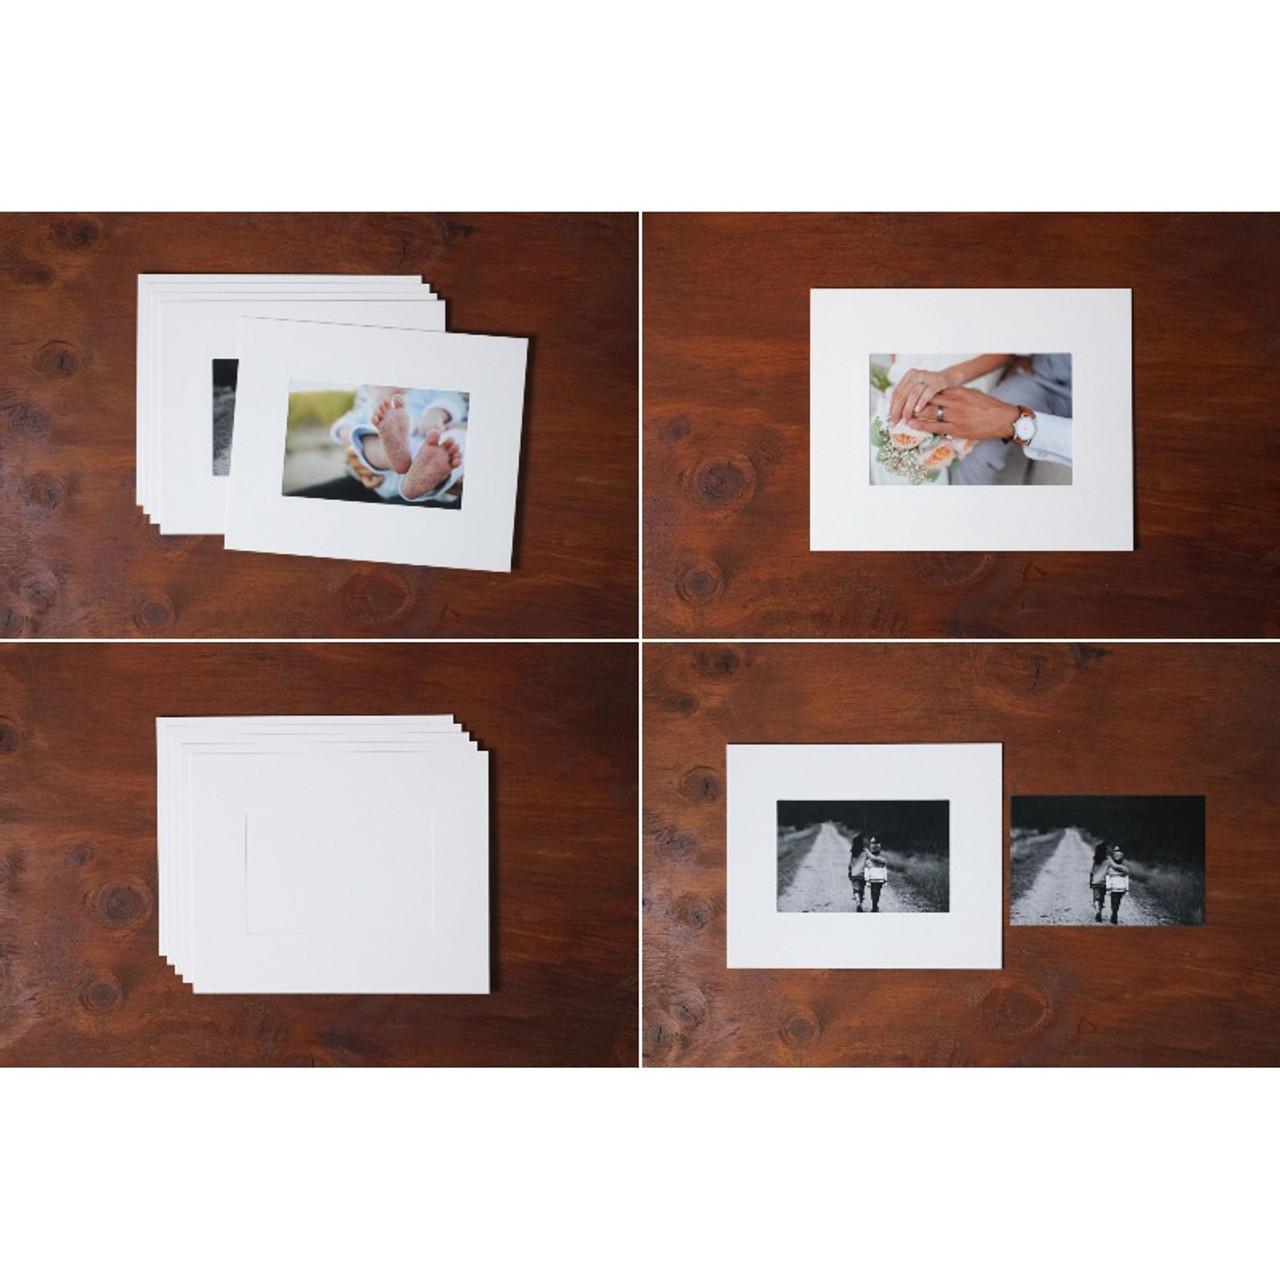 Moods Amp Views 4x6 Premium White Paper Photo Frame Set